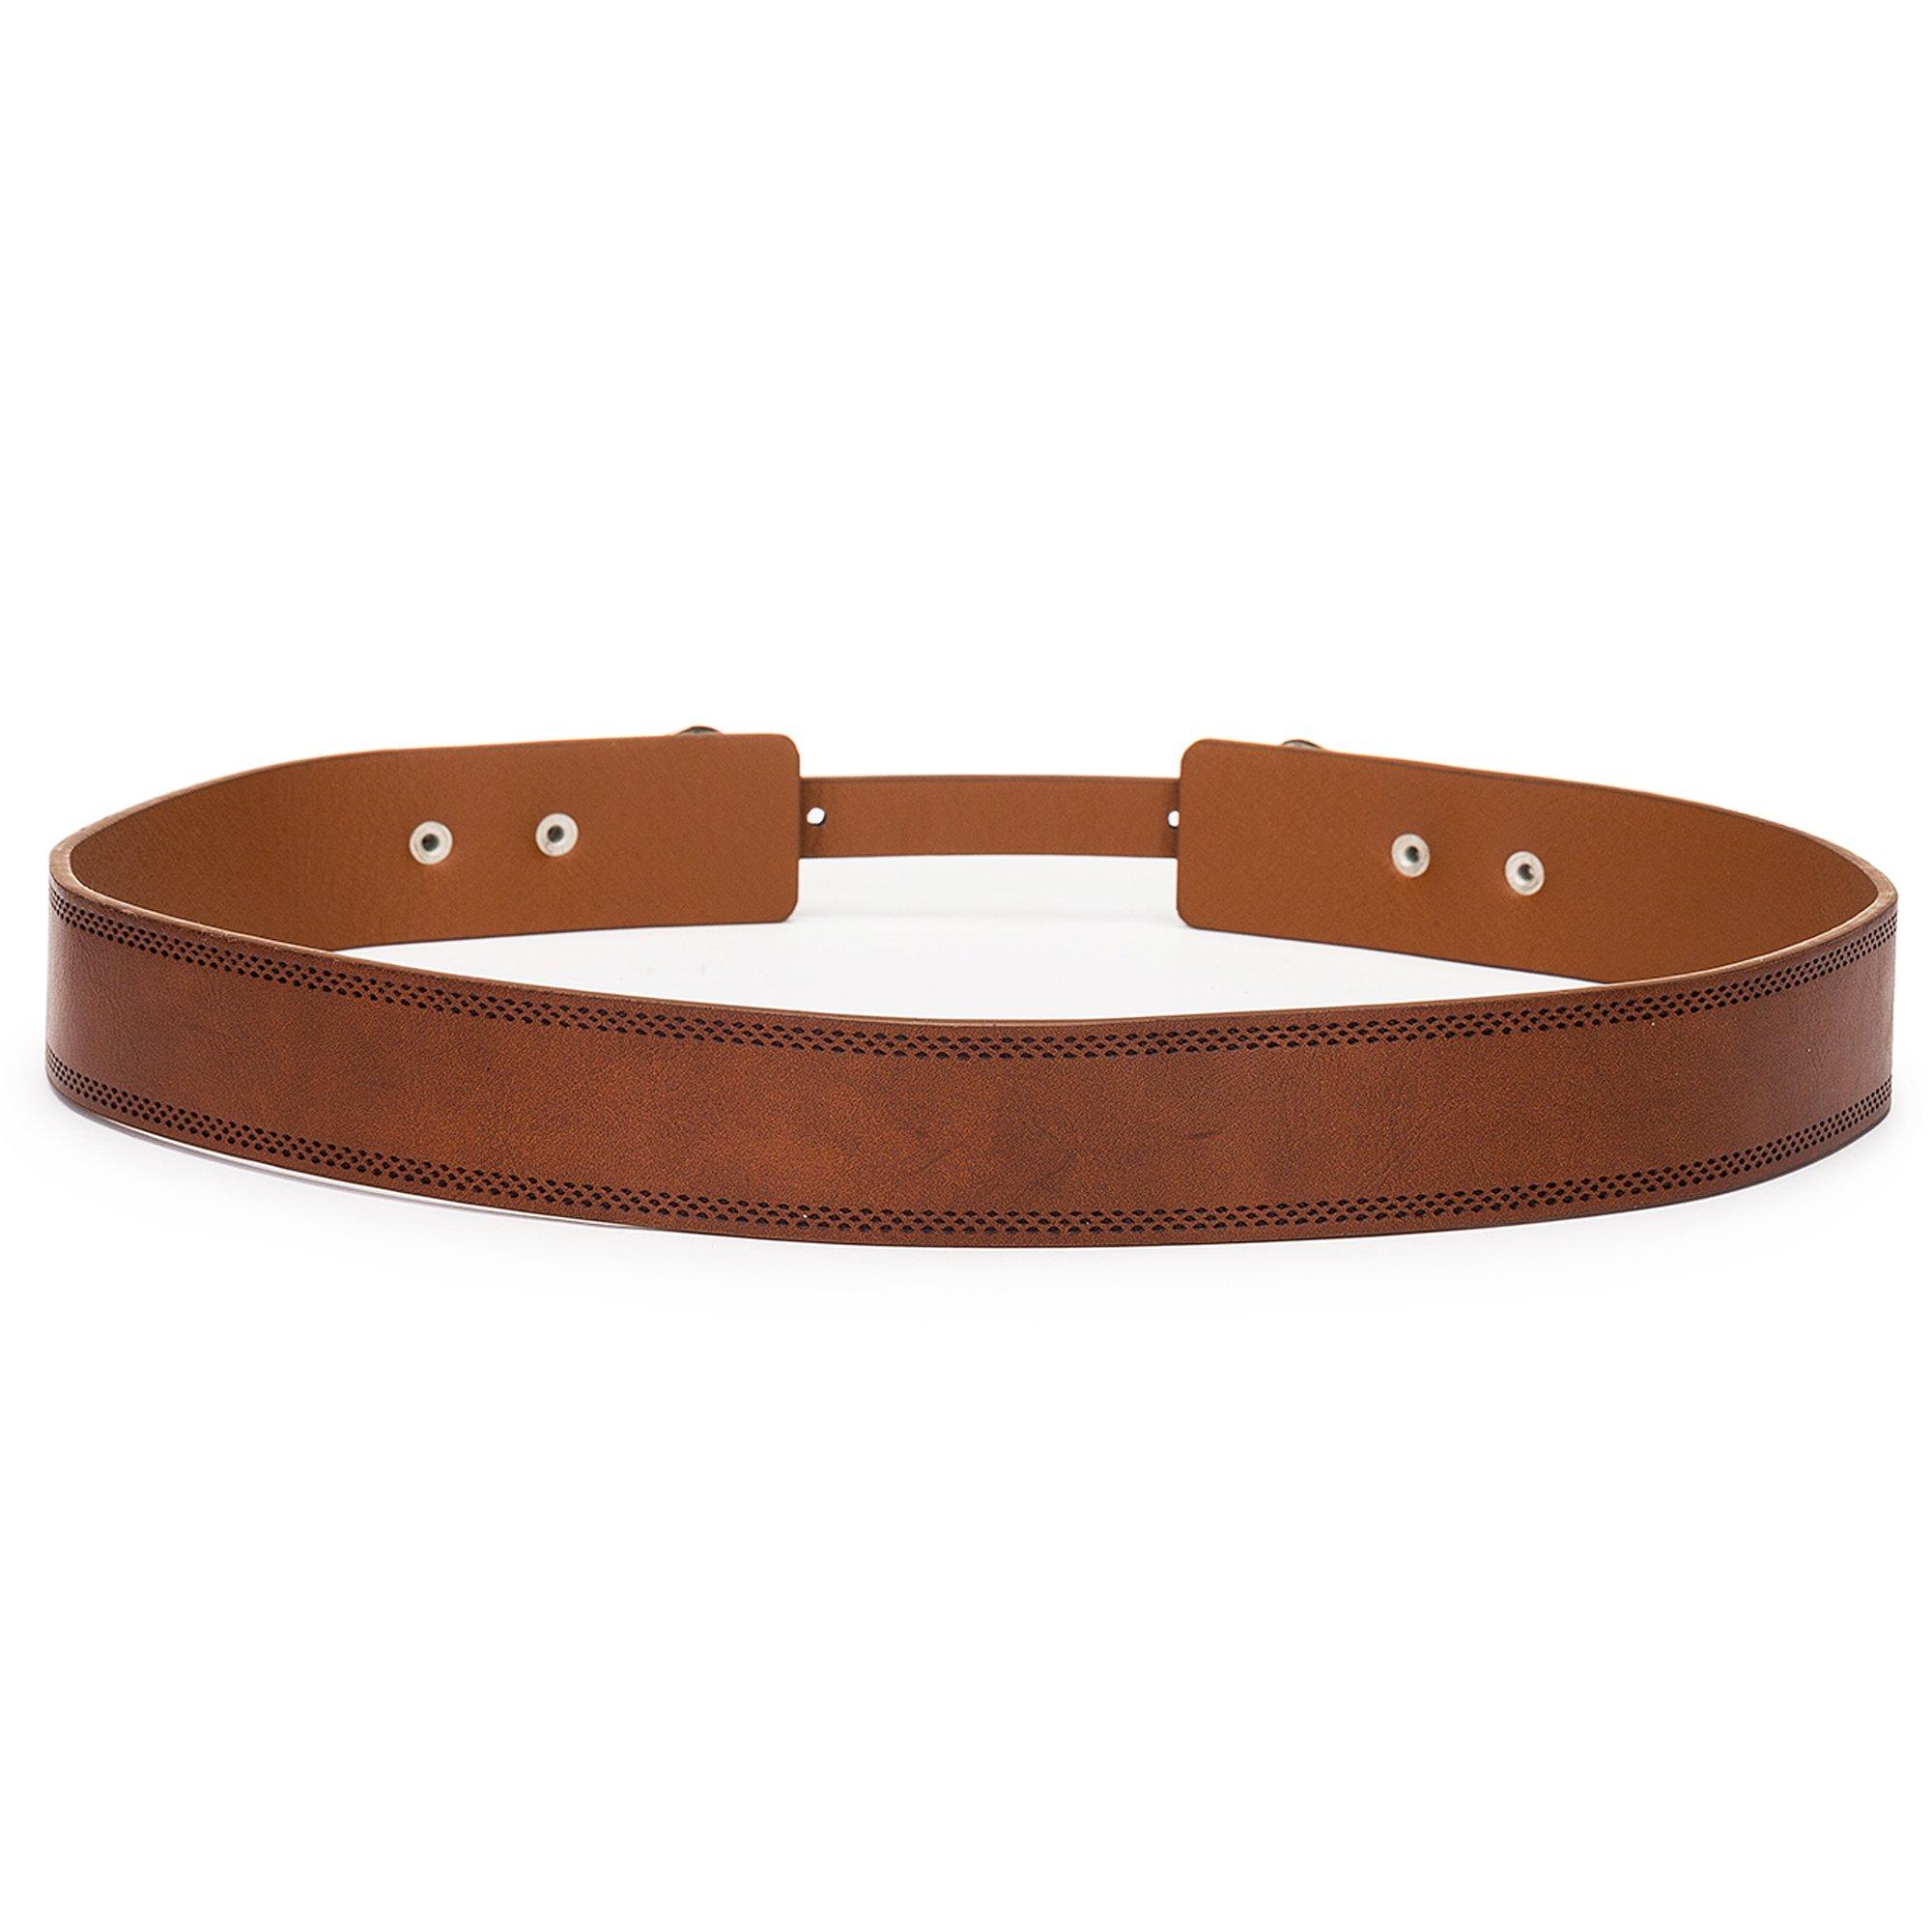 Tanpie Western Leather Belt for Women Boho Waist Belt with Designer Metal Double Buckle Yellow Brown L by Tanpie (Image #2)